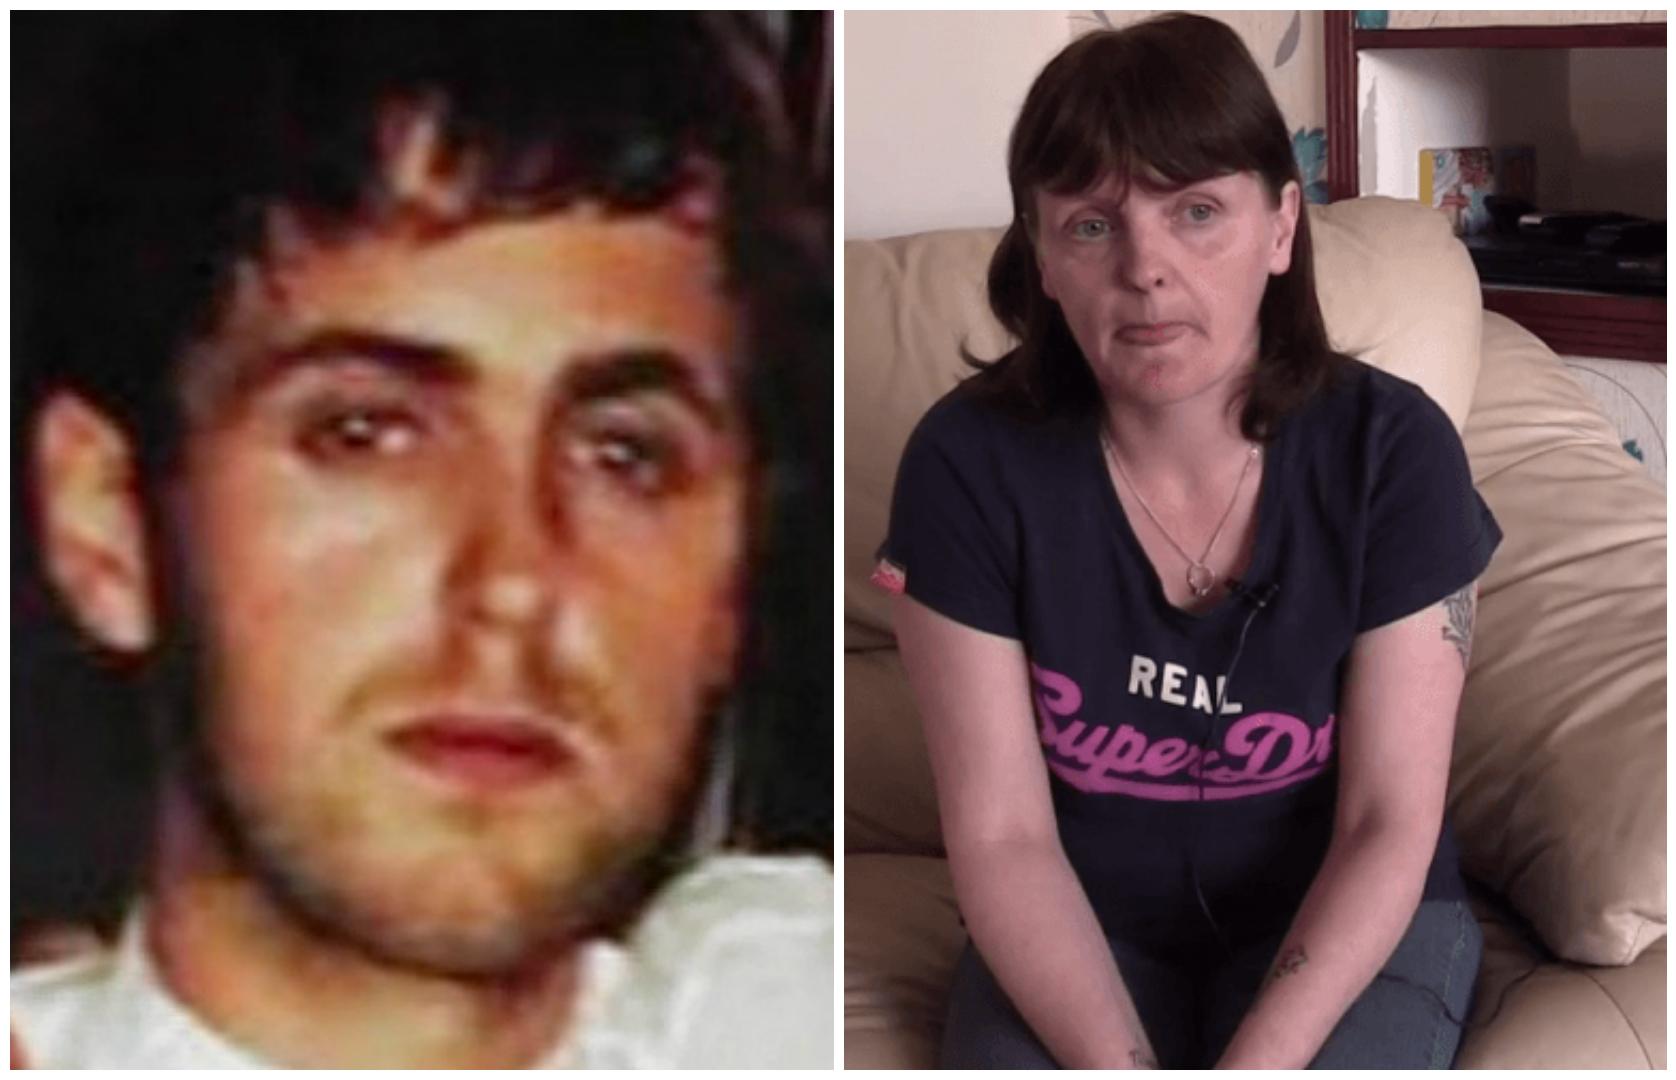 Shaun's mum Carol-Ann Roy